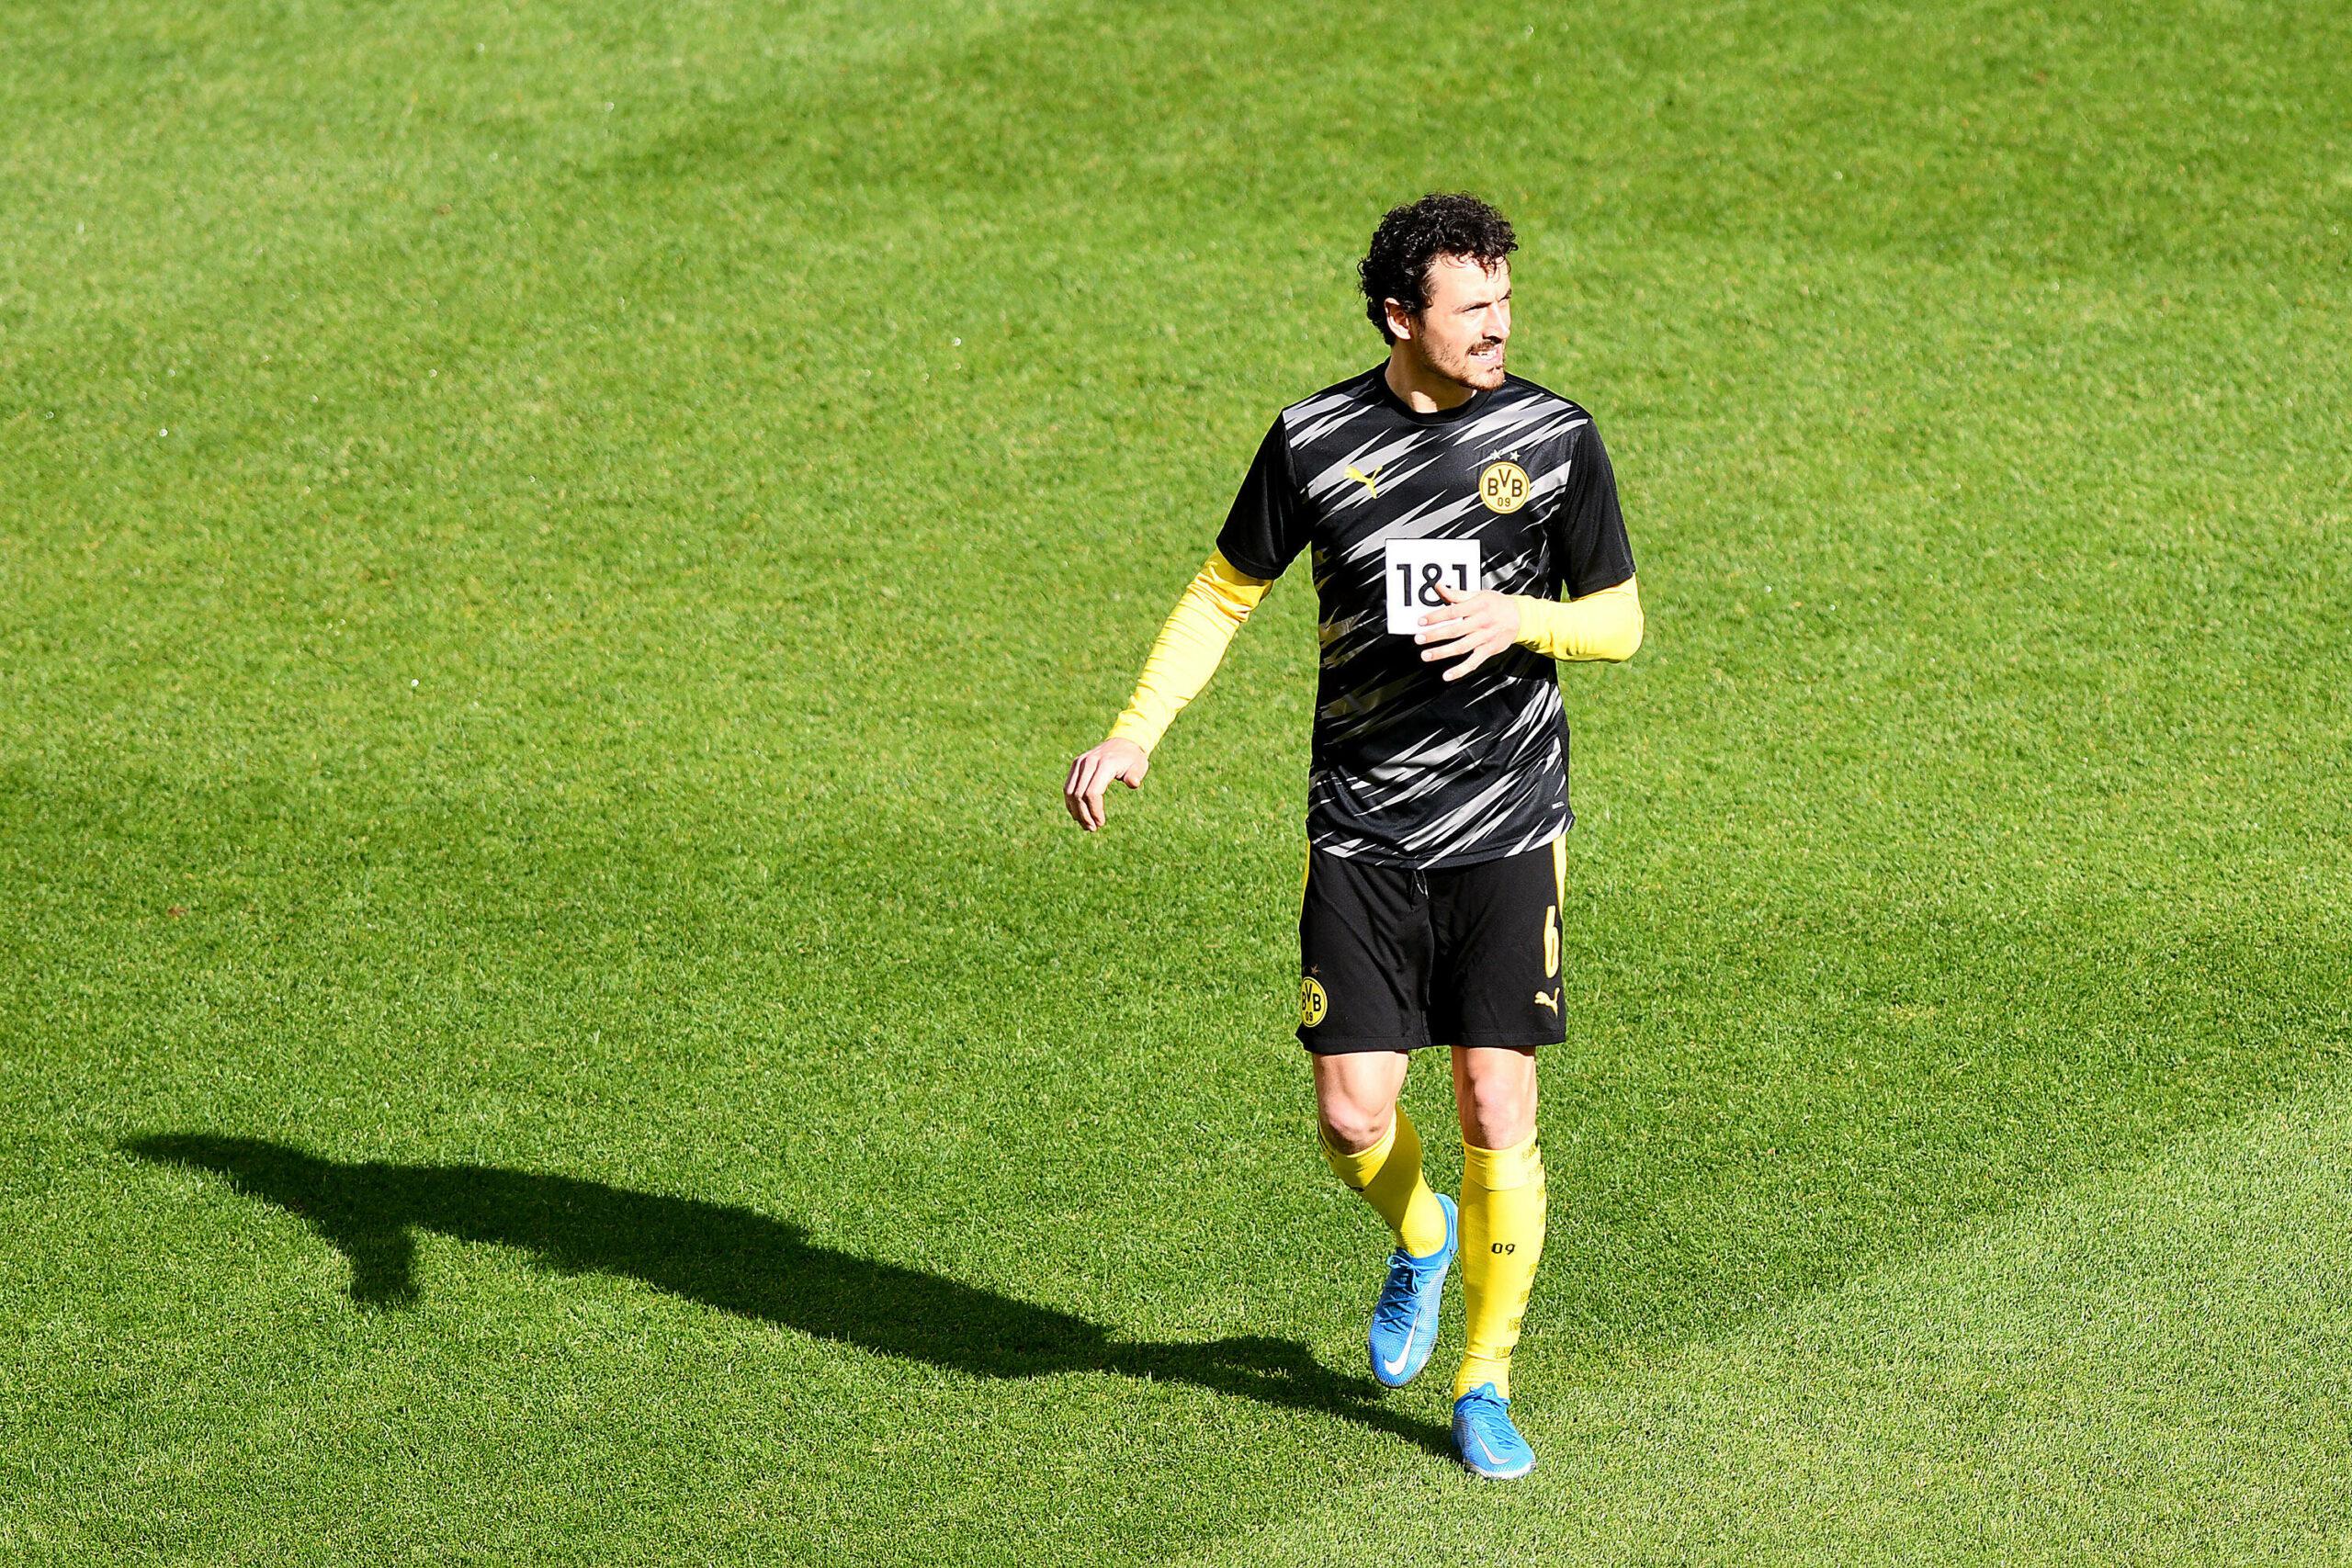 BVB-Mittelfeldspieler Thomas Delaney